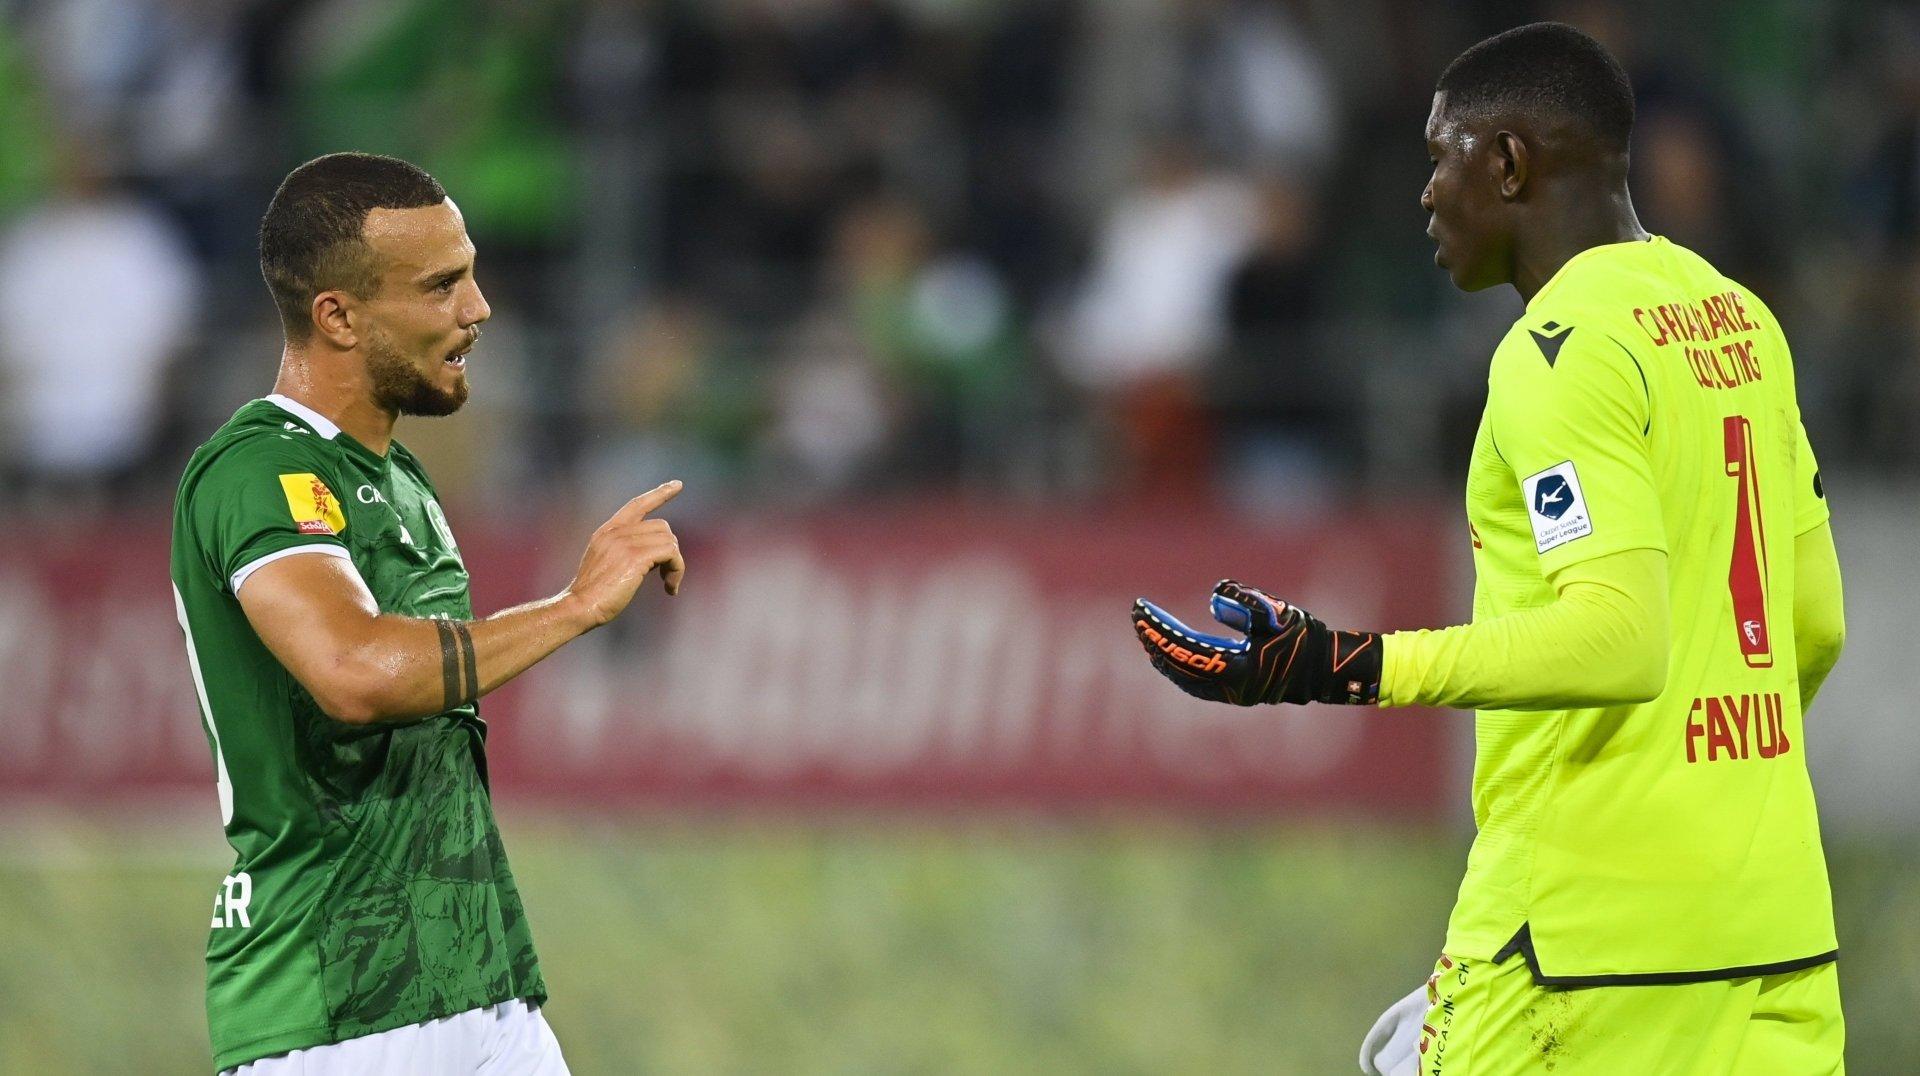 Timothy Fayulu et Nicolas Lüchinger se parlent à l'issue du match entre le FC Sion et le FC Saint-Gall.